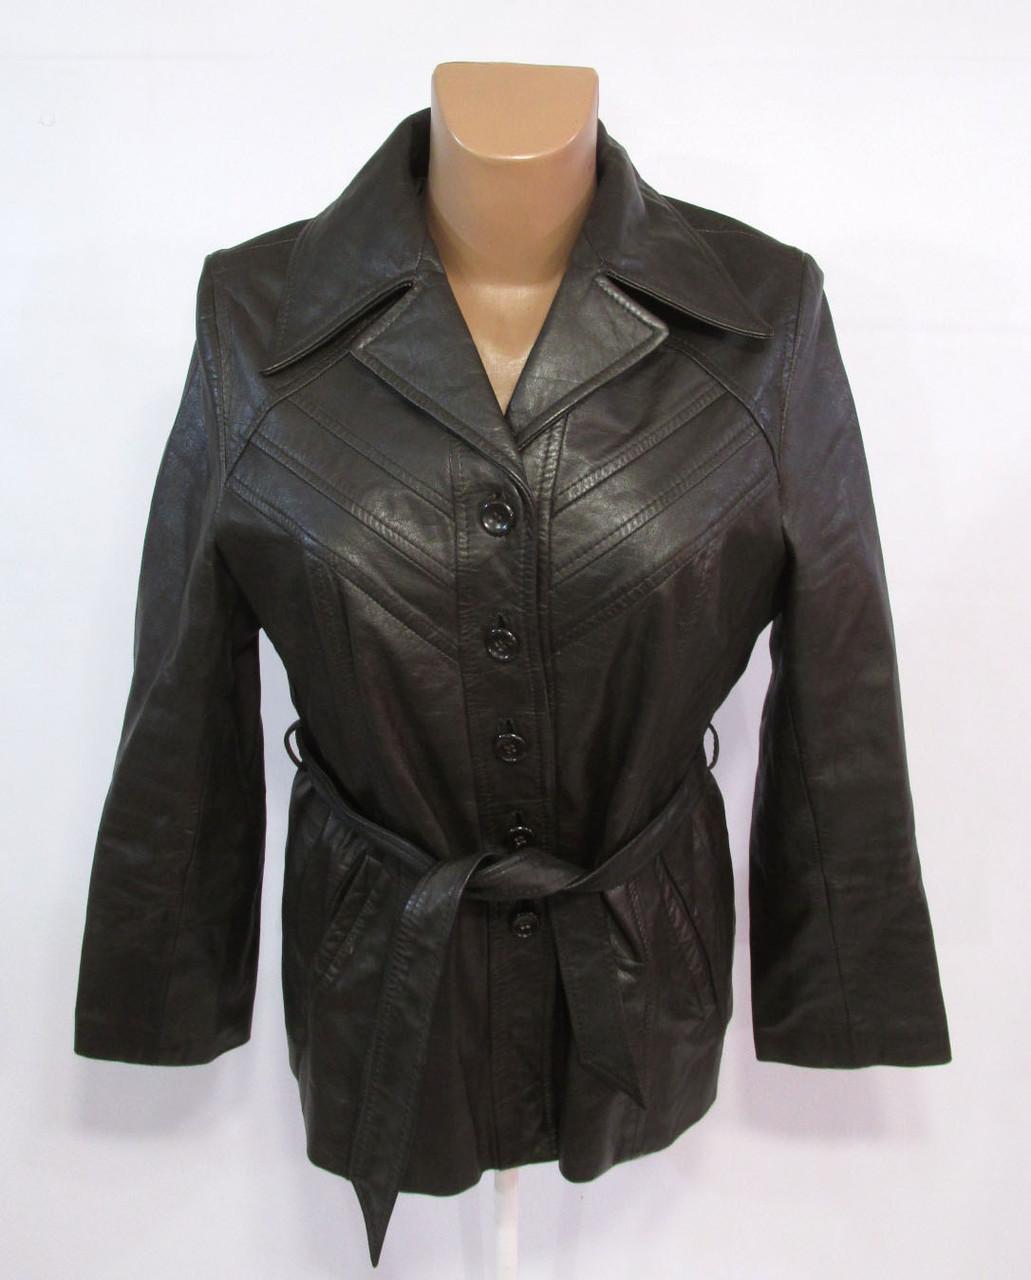 Куртка кожаная Each Leather, 44 (L, 16), коричневая, (мин потертость с